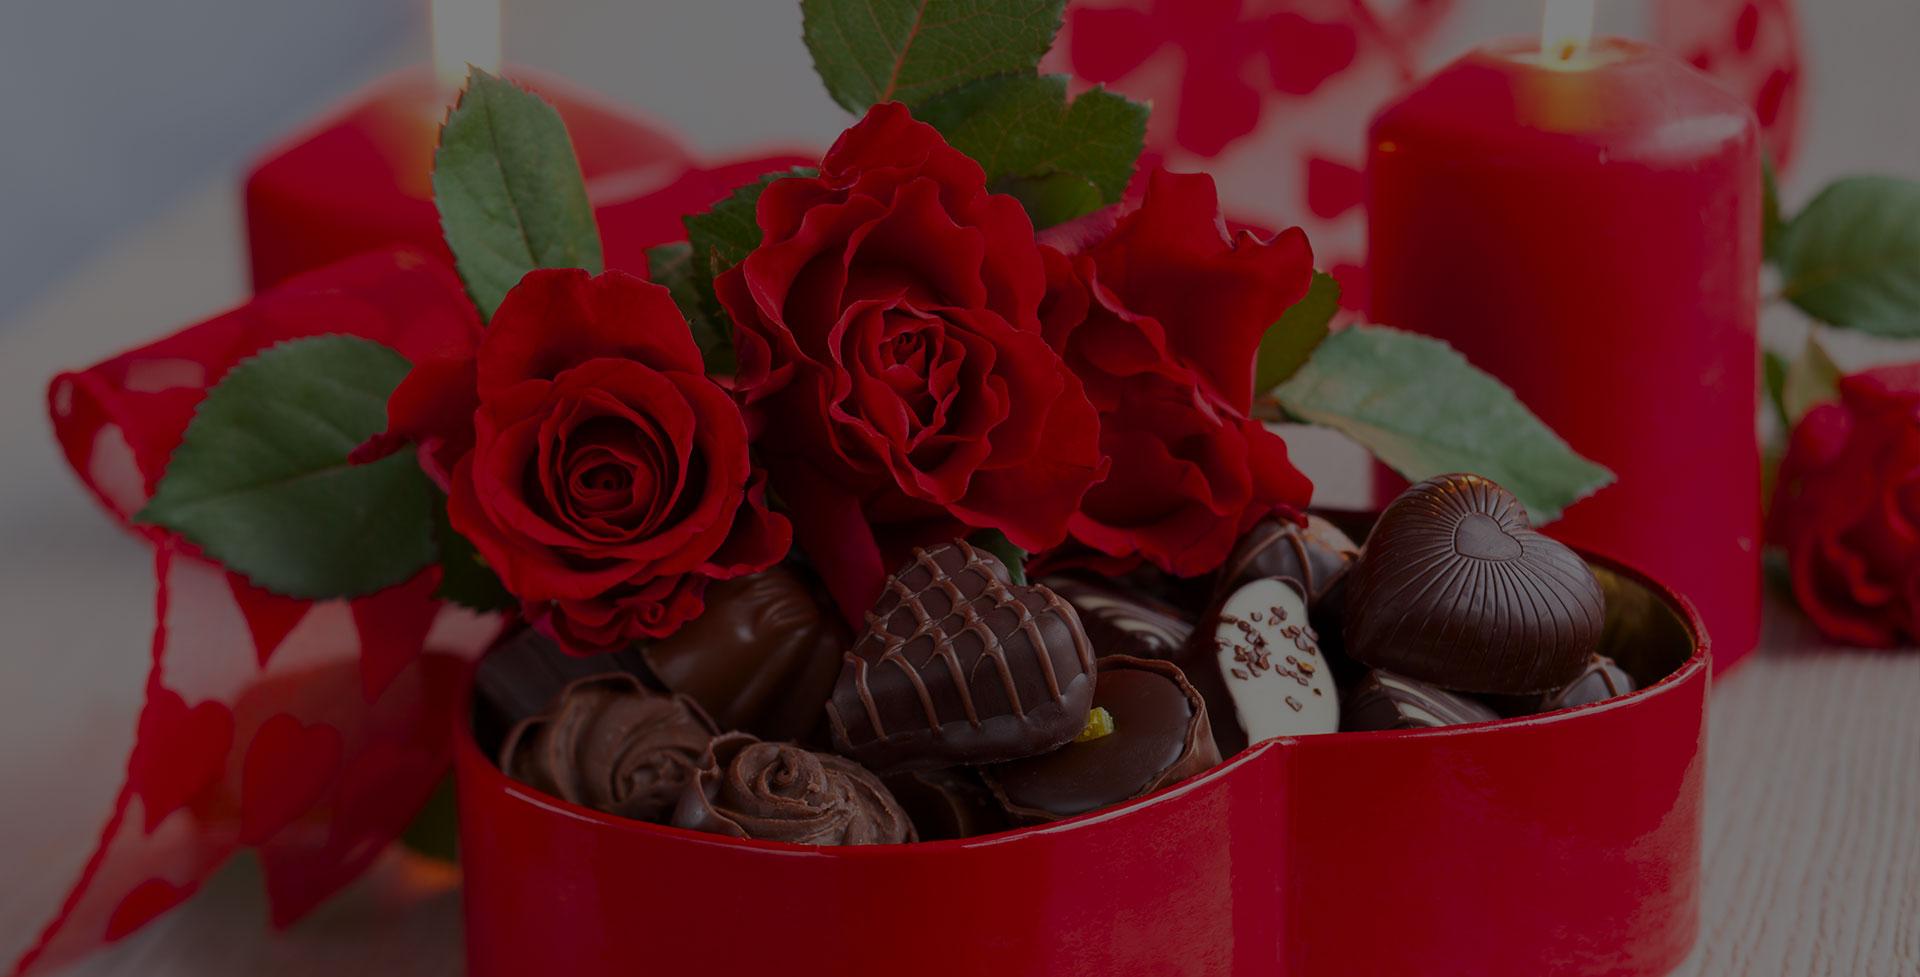 Idées cadeaux originales pour surprendre quelqu'un que vous aimez